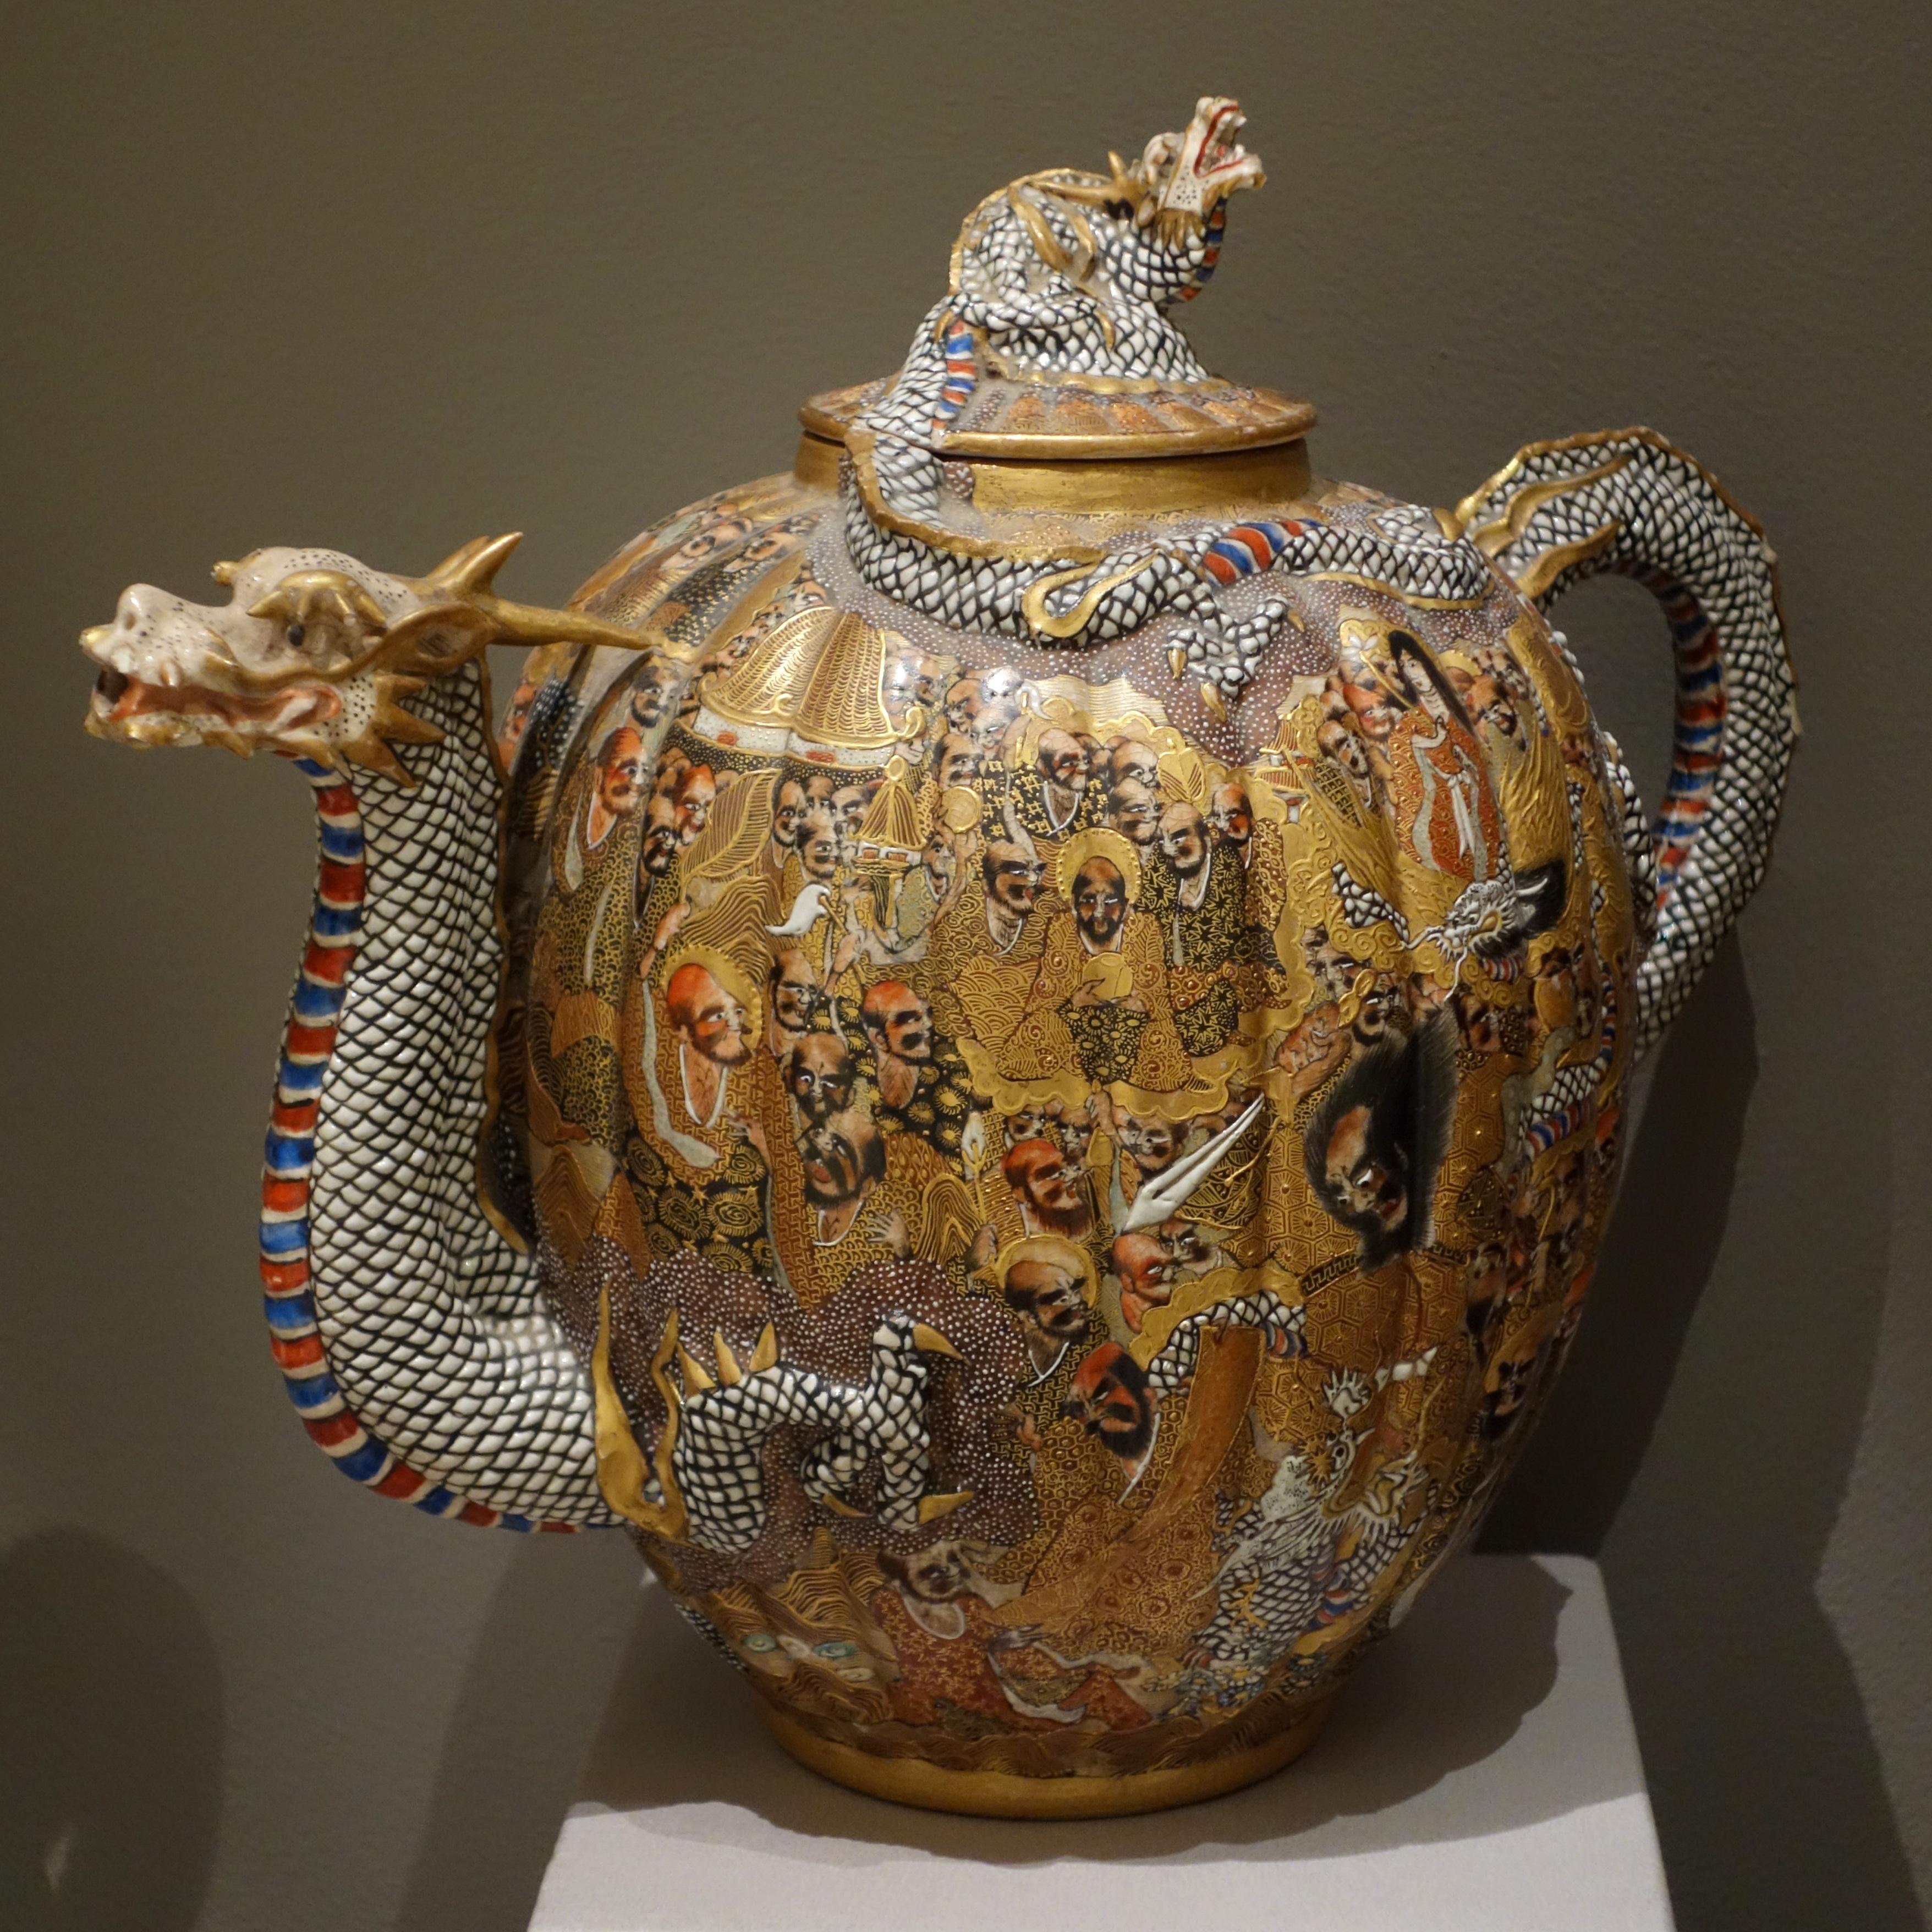 Teapot Art And Craft